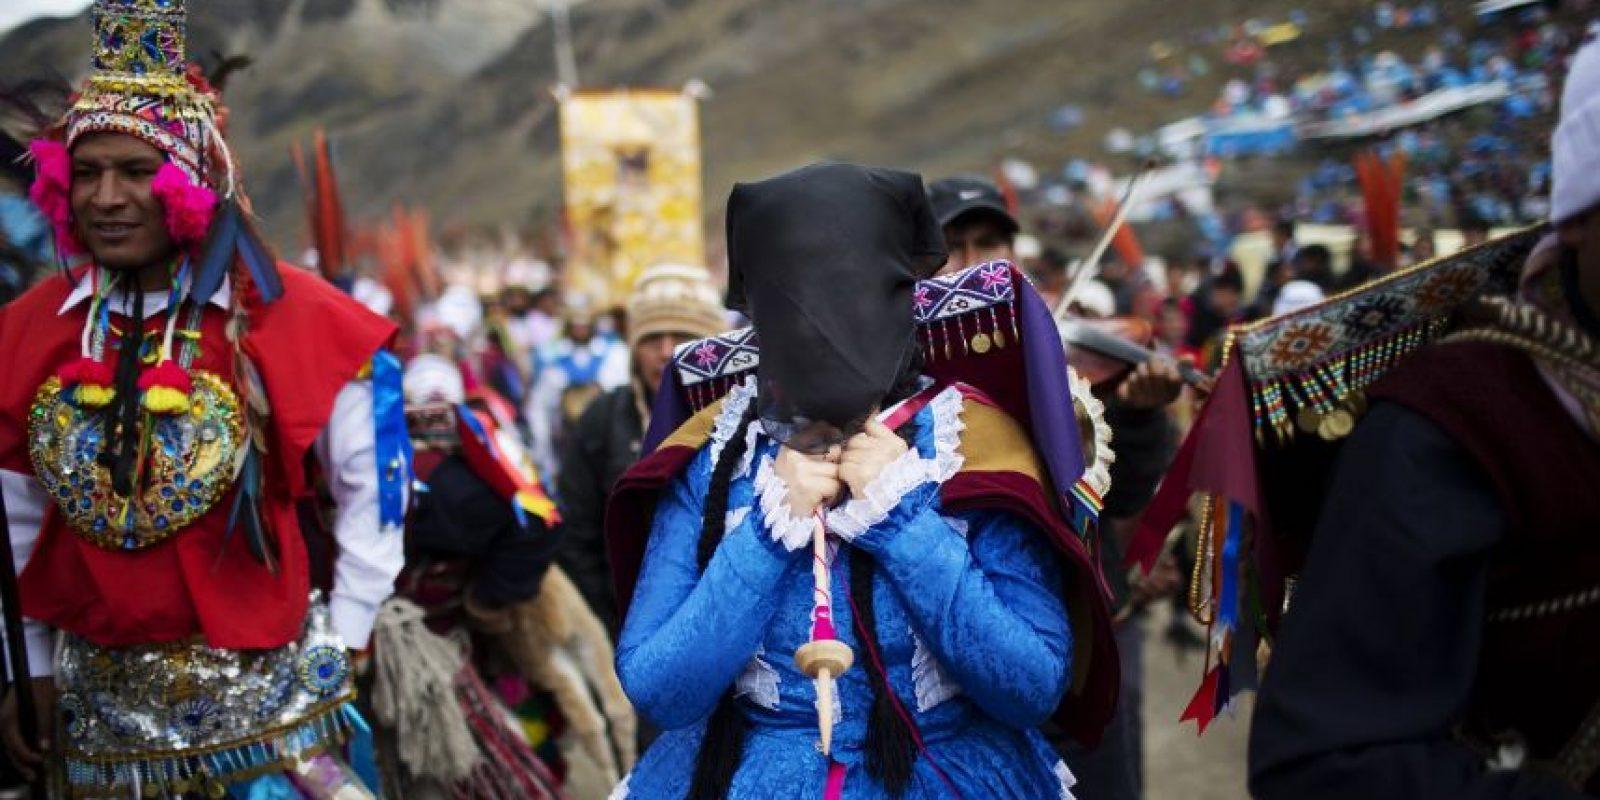 En esta fotografía del 23 de mayo de 2016 peregrinos esperan el inicio de una procesión al Santuario del Señor de Qoyllur Rit'i como parte del festival sincrético del mismo nombre, traducido de la lengua quechua como Estrella de Nieve, en el Valle Sinakara en la región de Cusco en Perú. Foto:AP Photo/ Rodrigo Abd